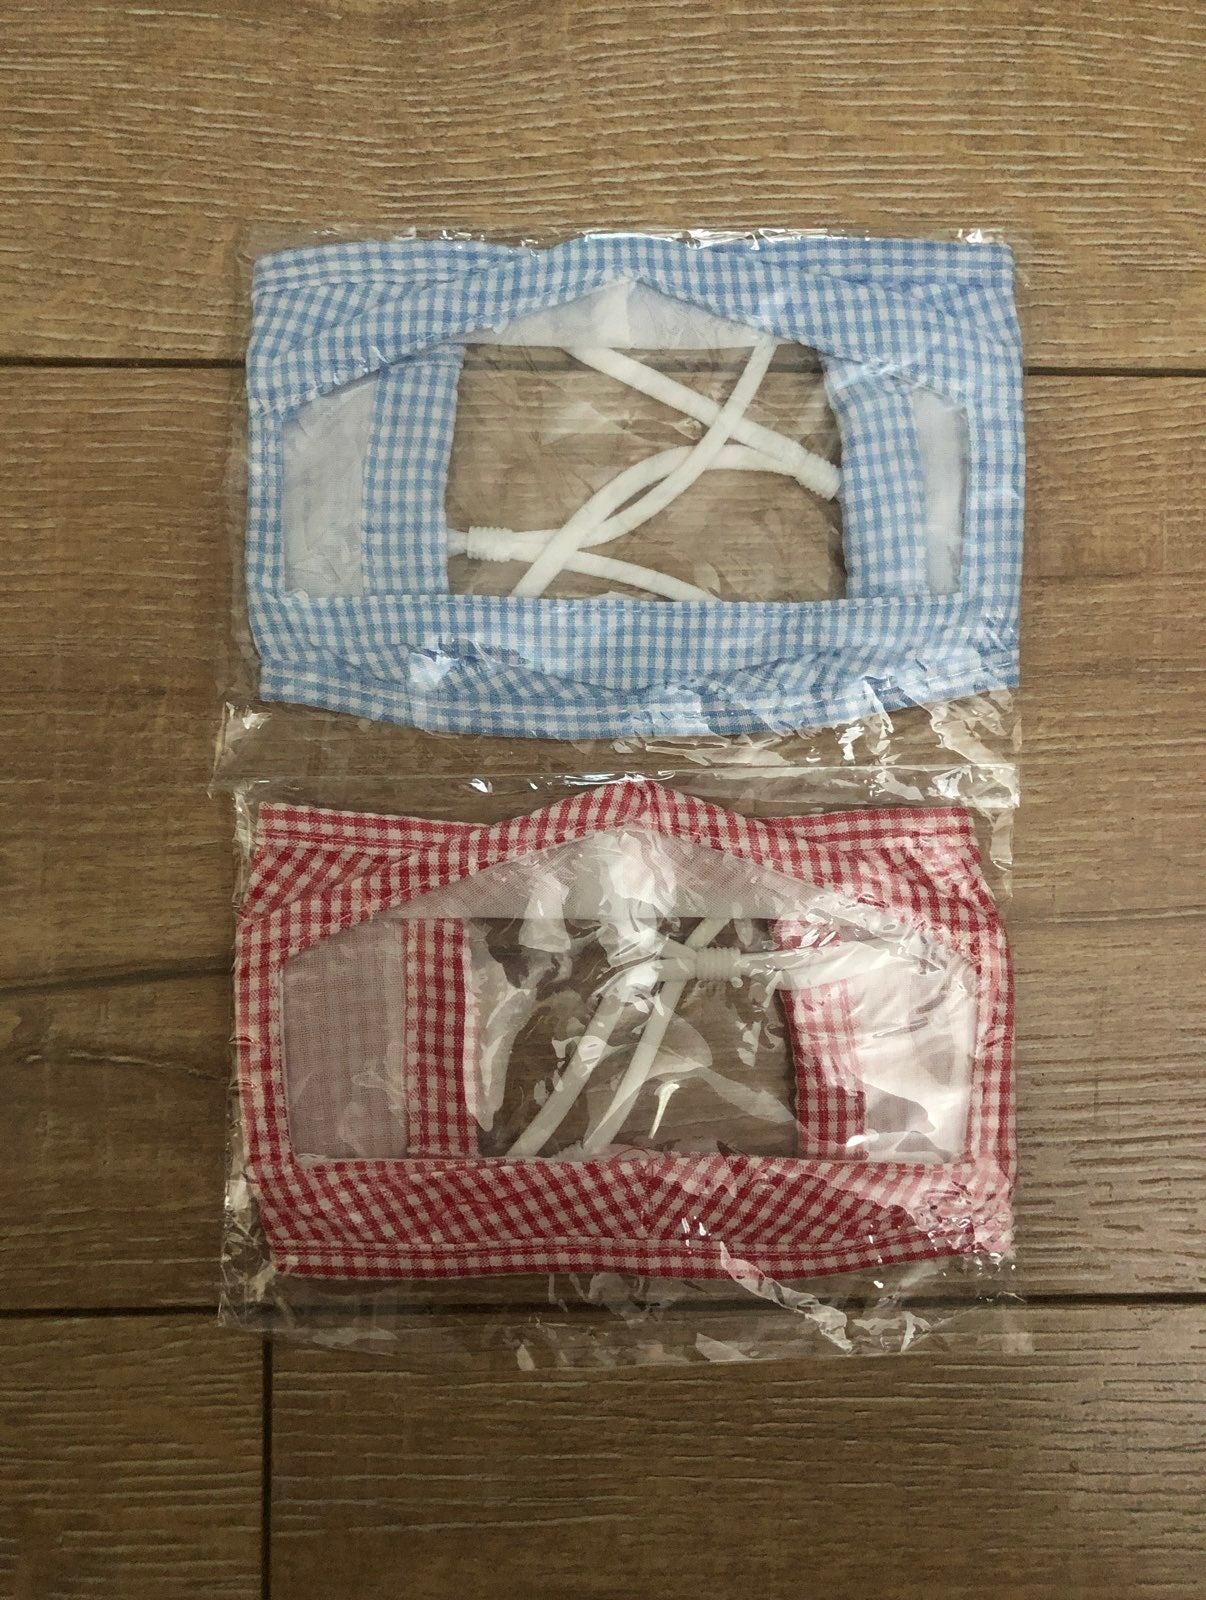 2 Transparent Masks